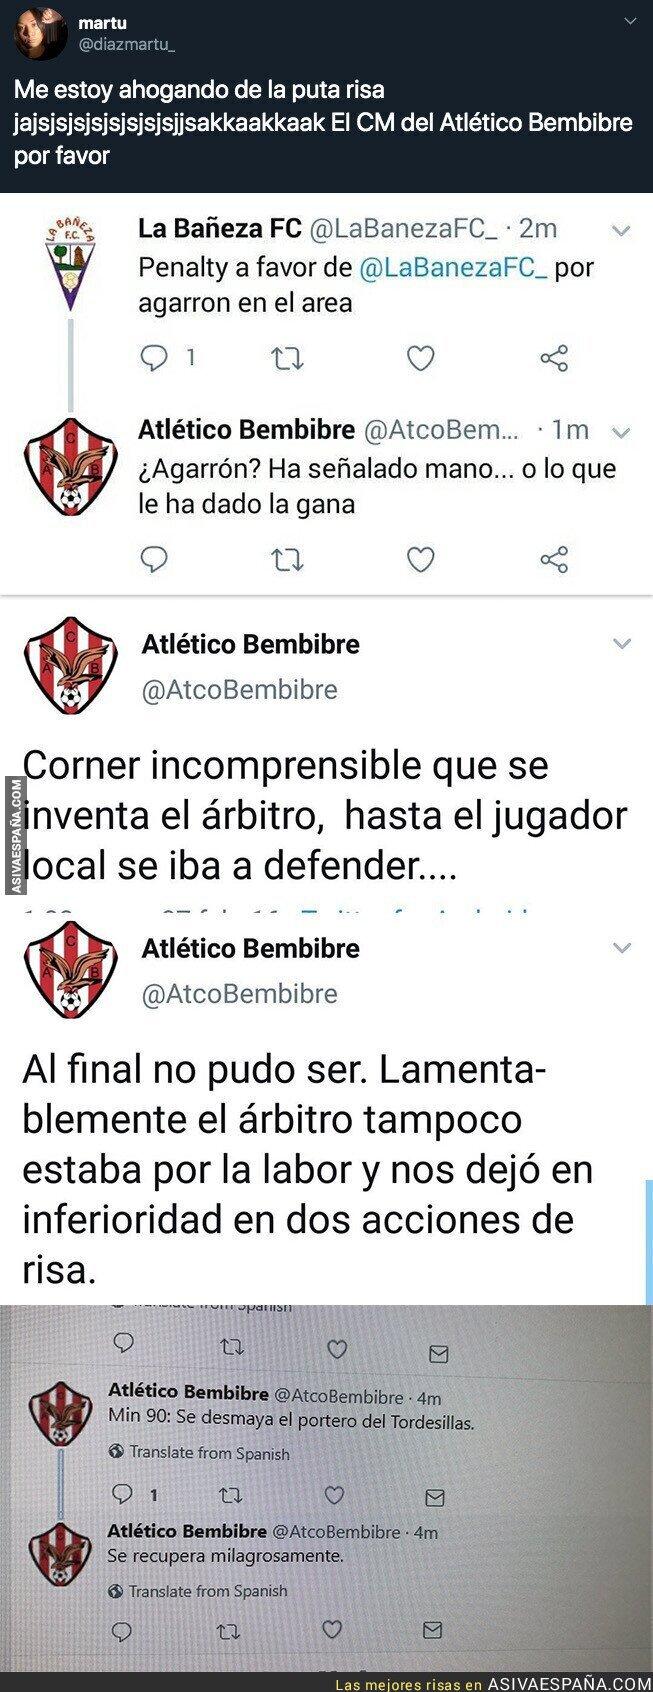 120258 - Todo el mundo se está partiendo de risa con los tuits que publica el CM del Atlético Bembibre durante los partidos